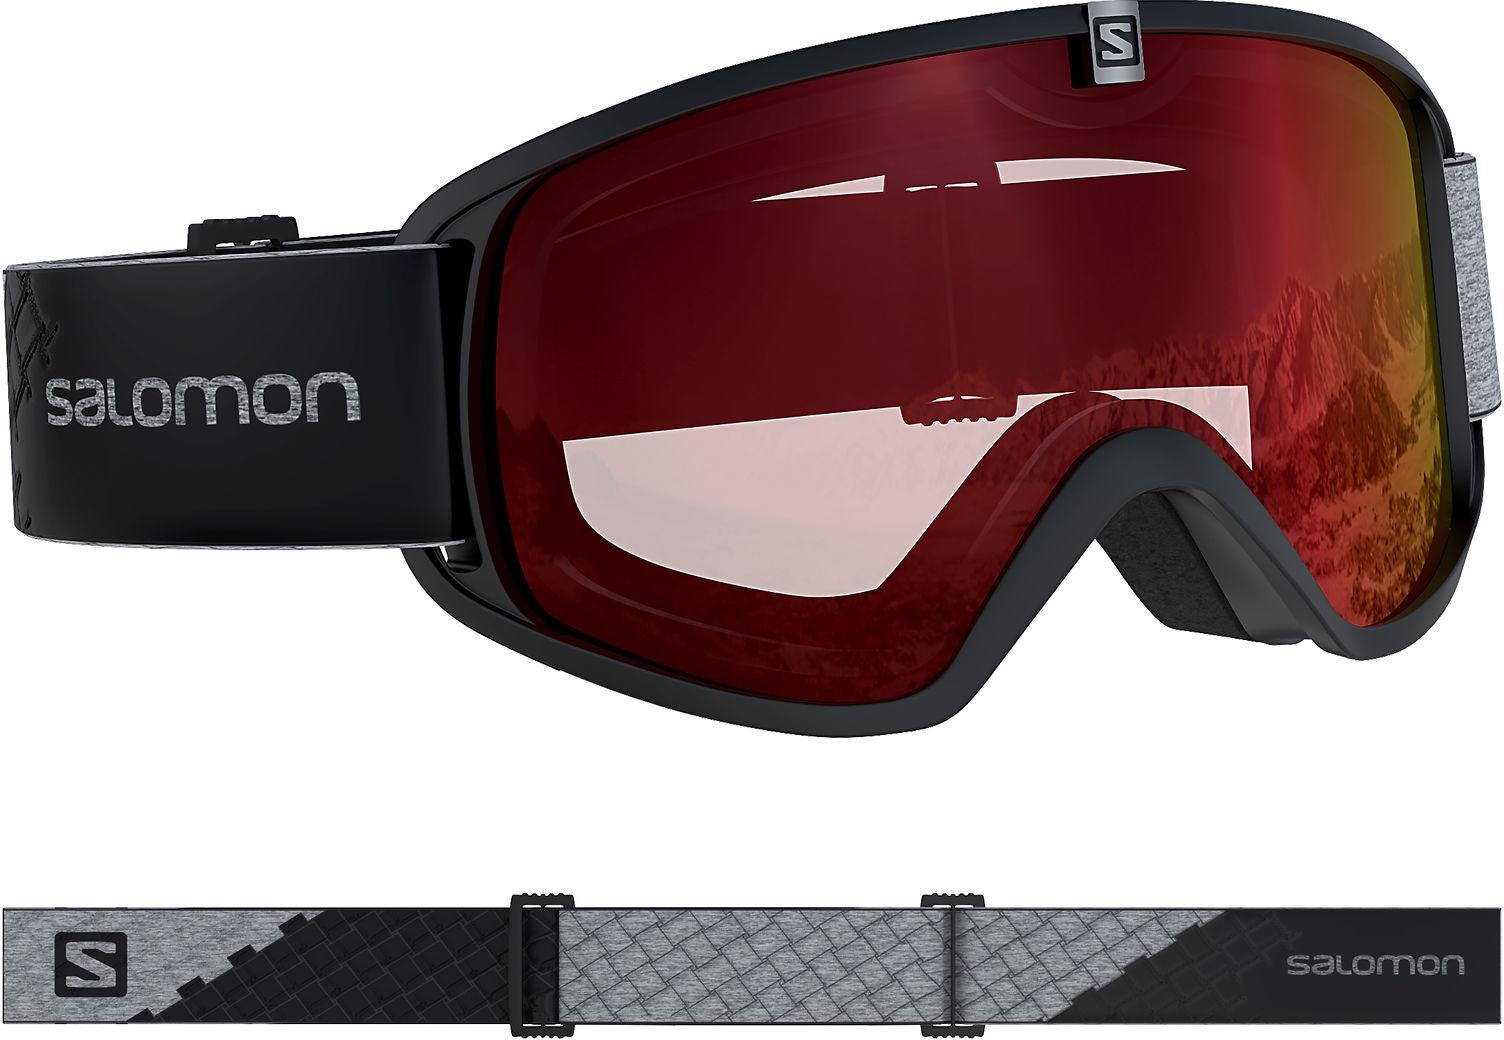 Salomon Gogle narciarskie damskie Force ML S2 409487 409487 white U